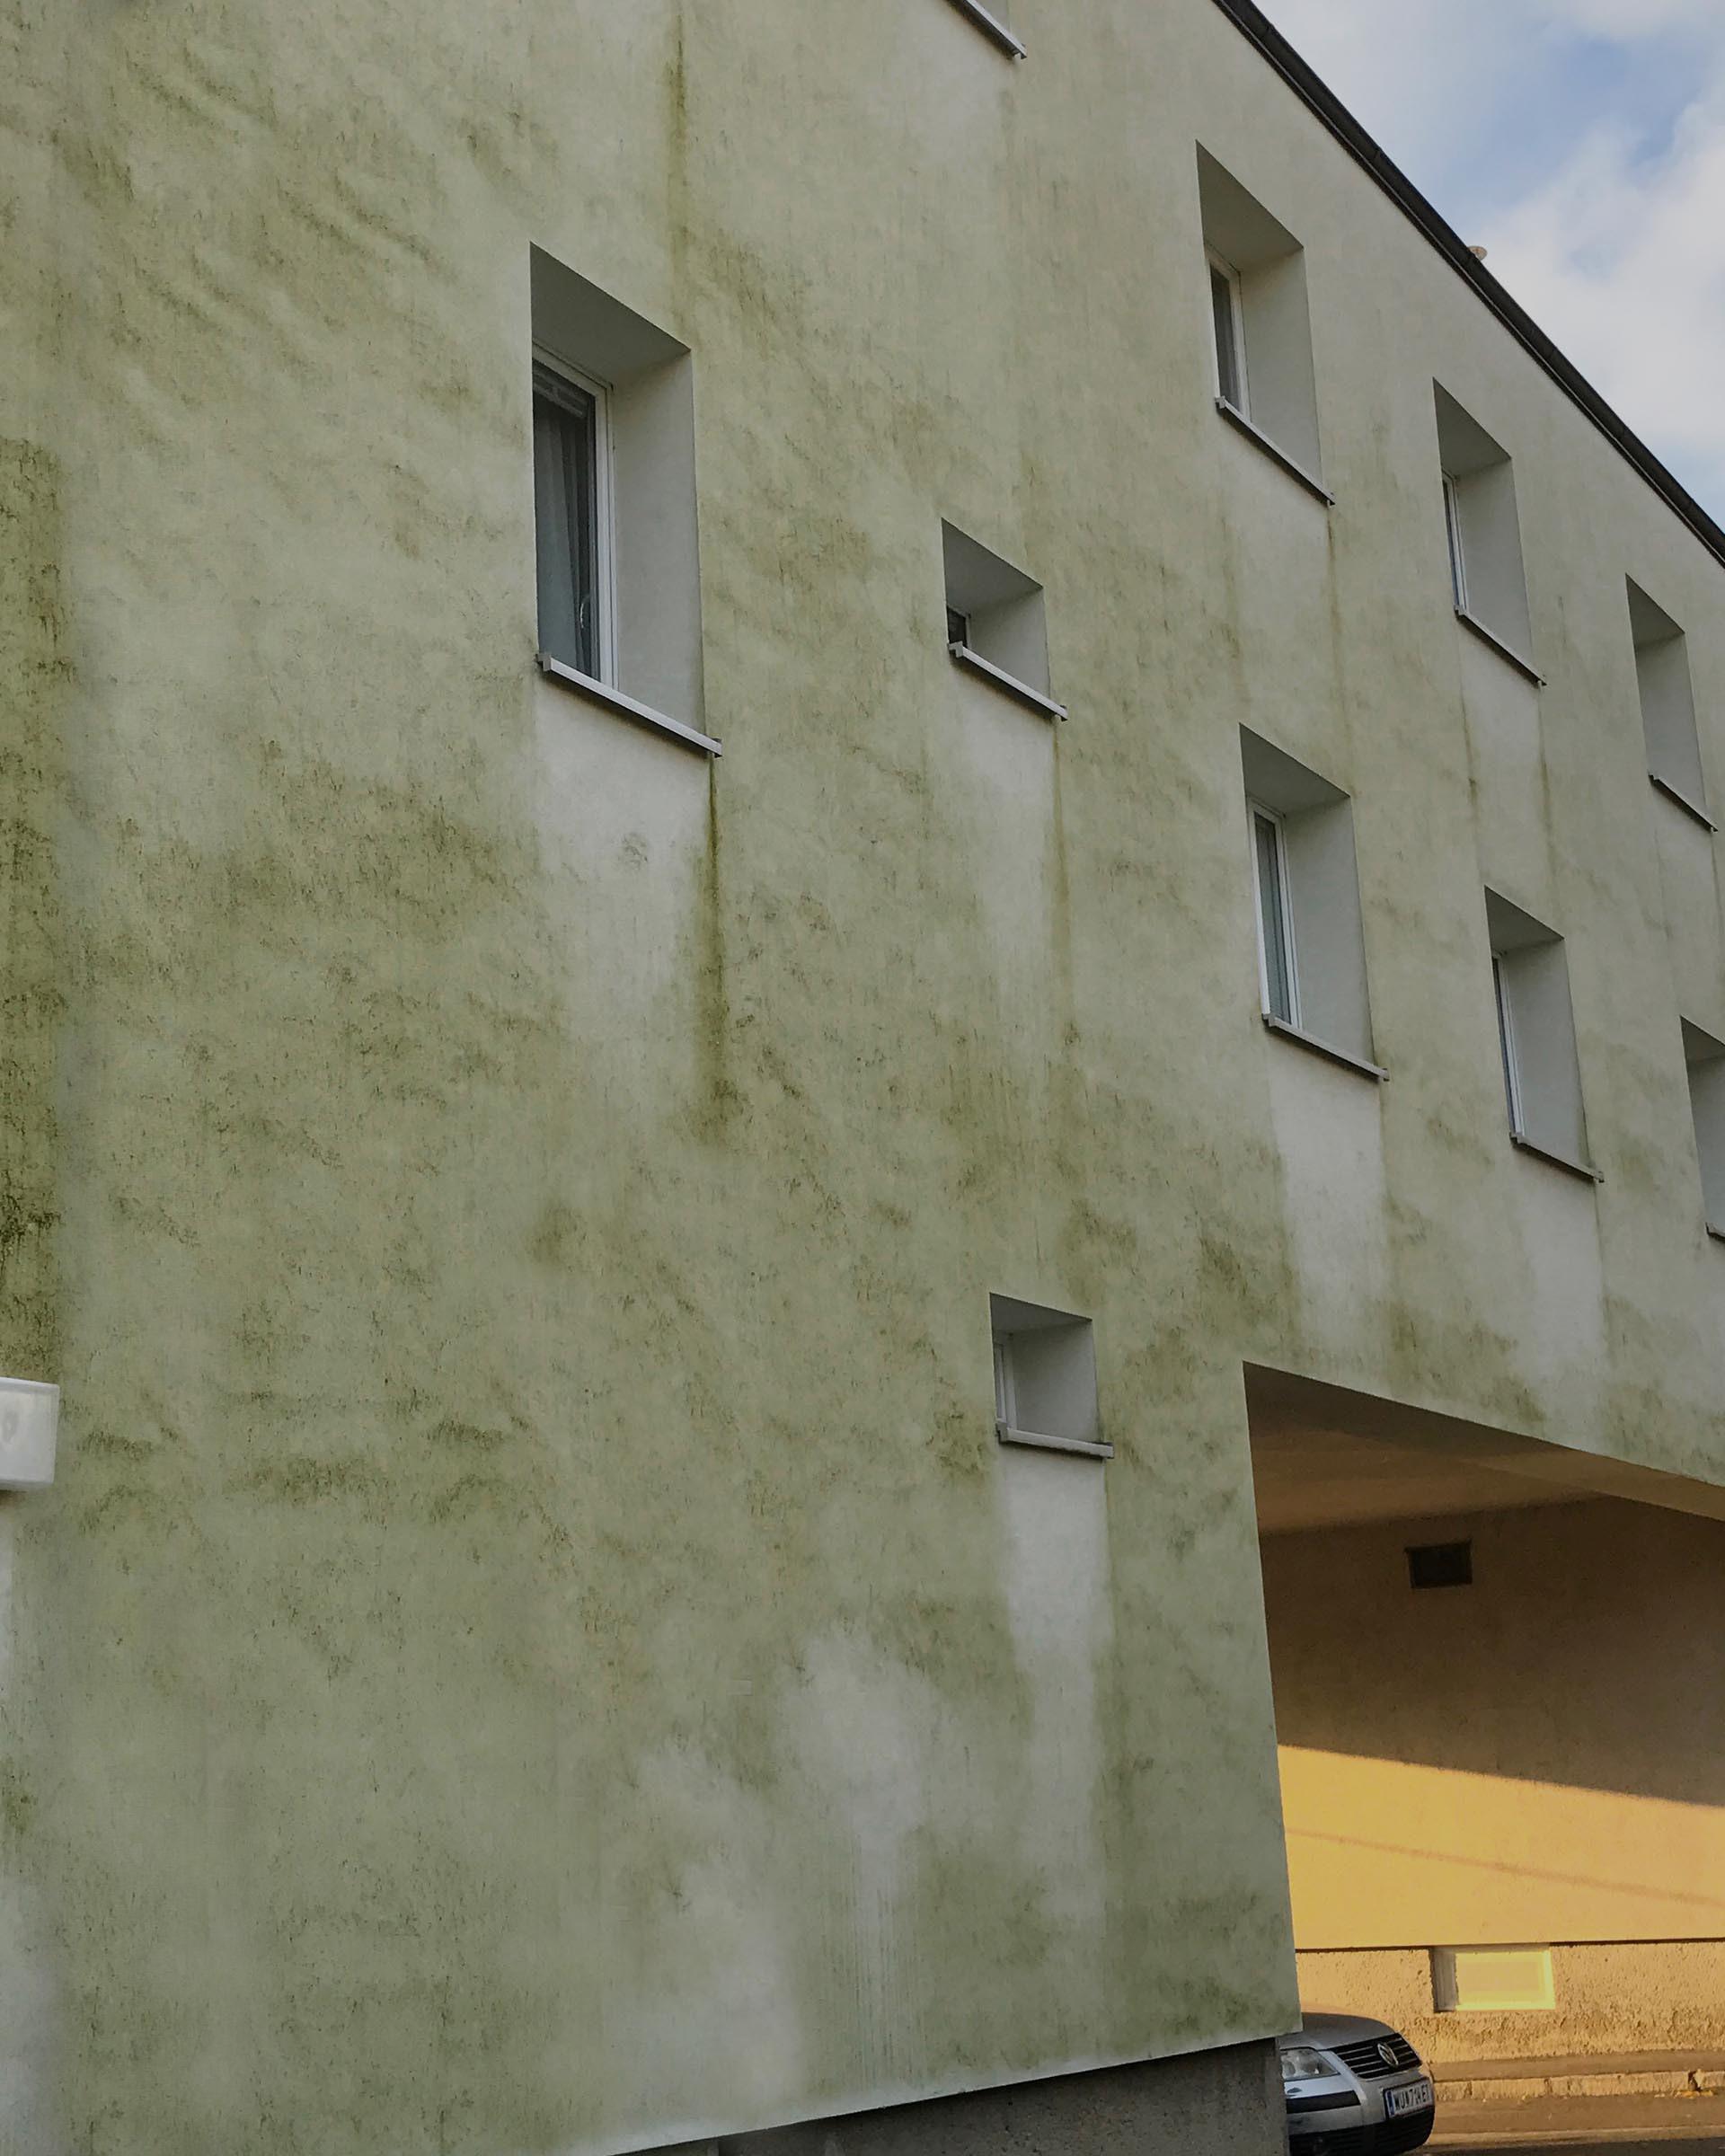 hauswand algen entfernen rotalgen rotpilze an der hauswand fassade algen hausfassade zum. Black Bedroom Furniture Sets. Home Design Ideas